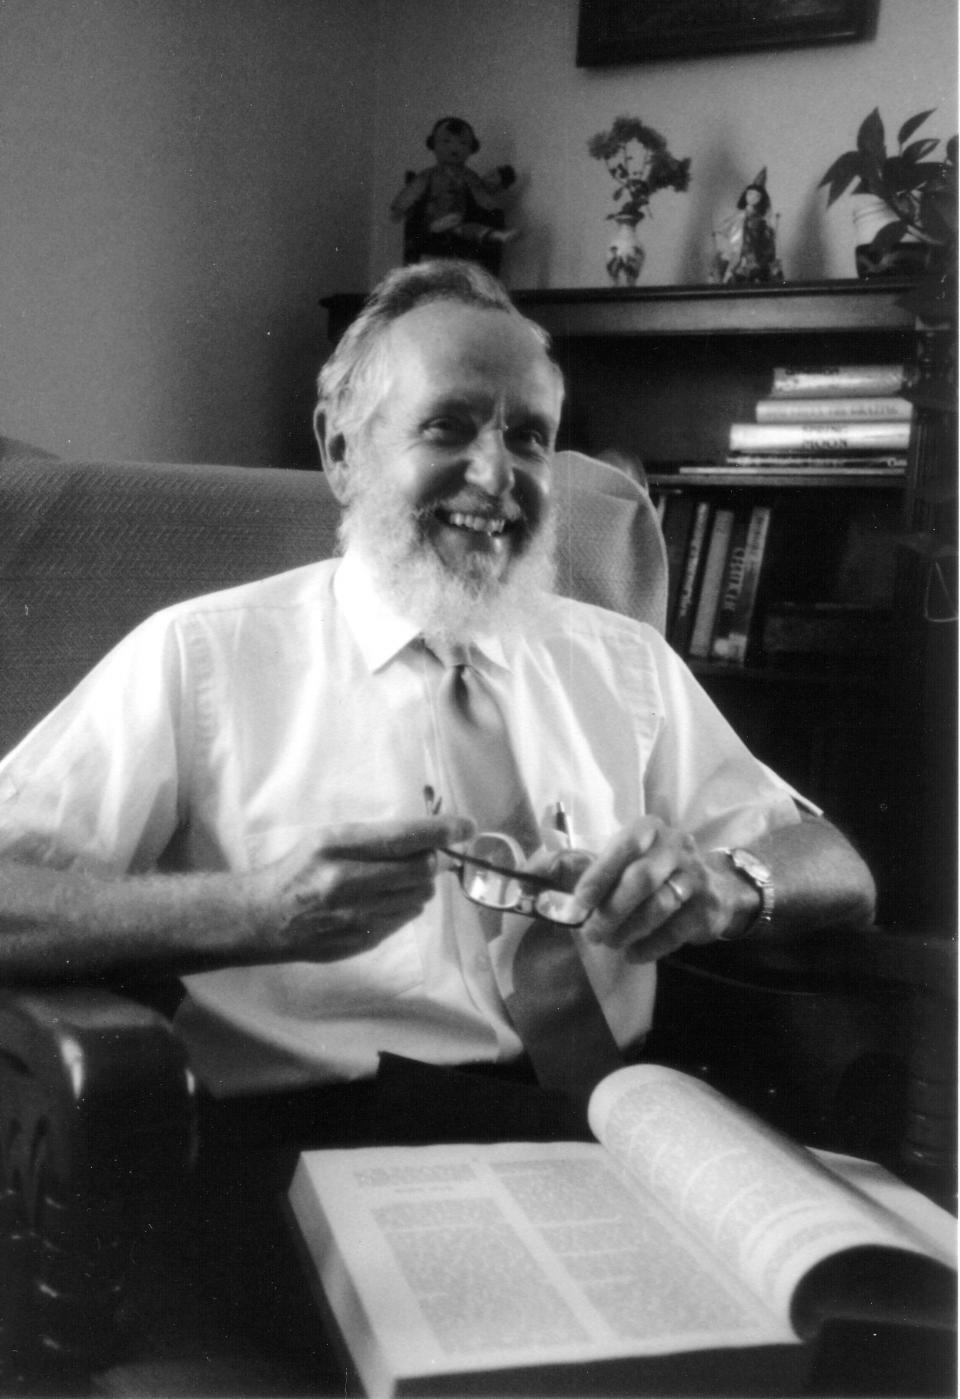 Paul Hessert 1984